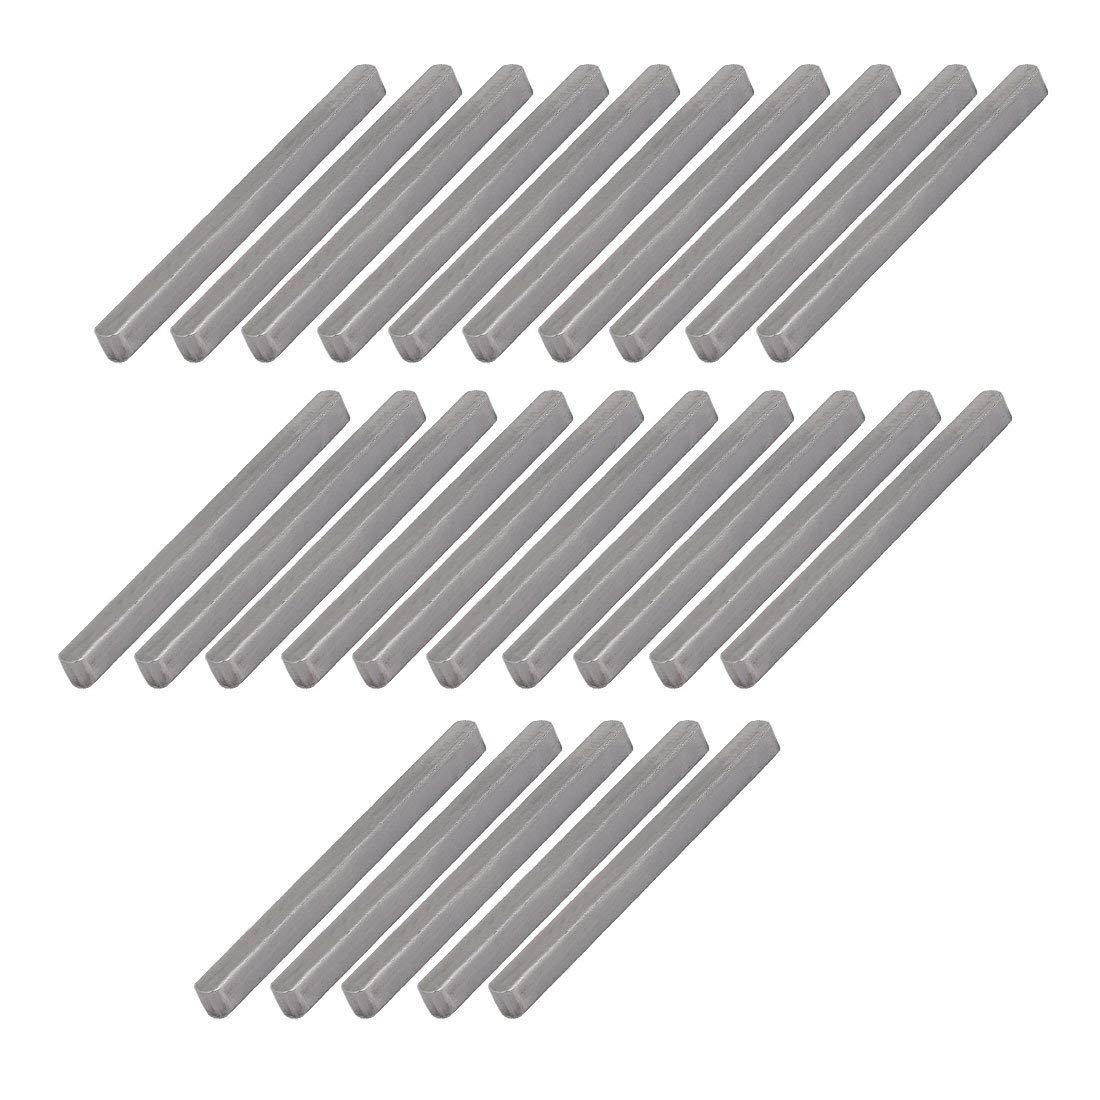 50mmx4mmx4mm acier carbone clavette barre clavette 25pcs gris